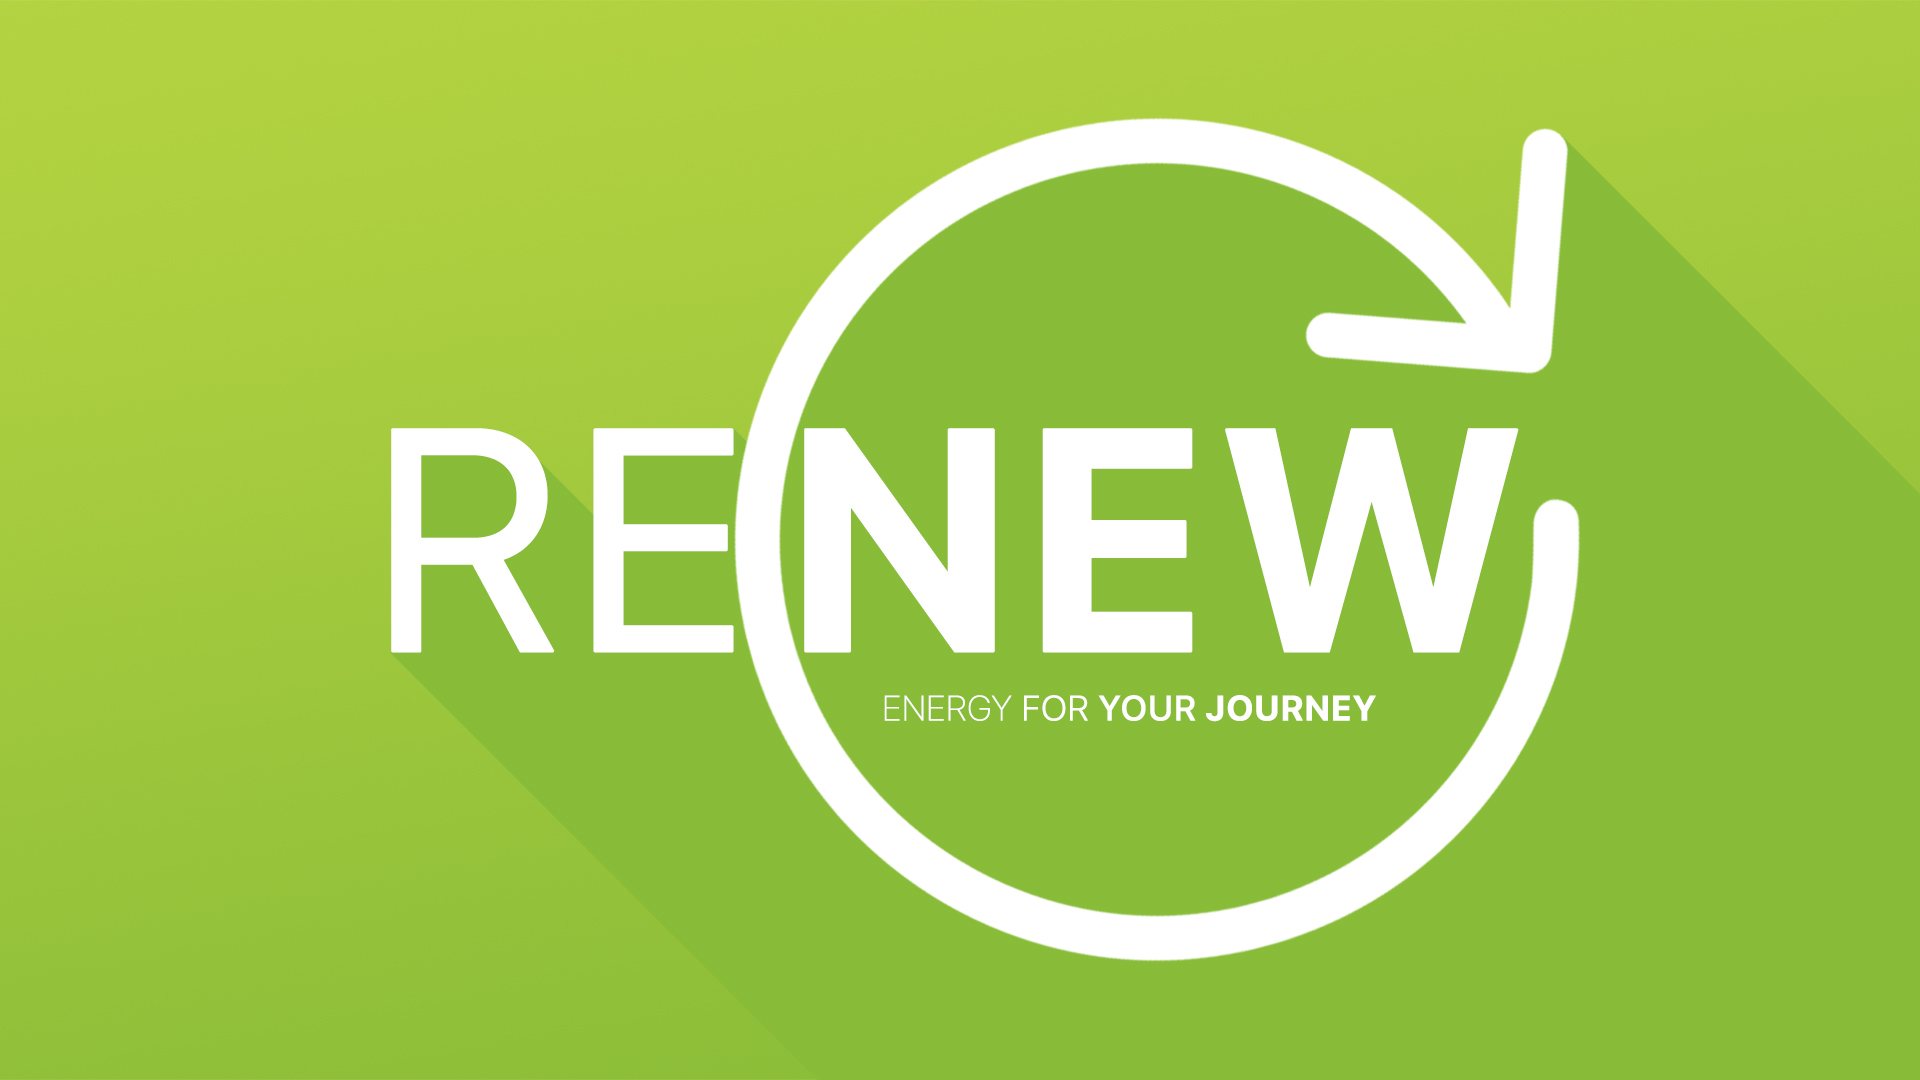 RenewFinal_OnScreen_1920x1080.jpg